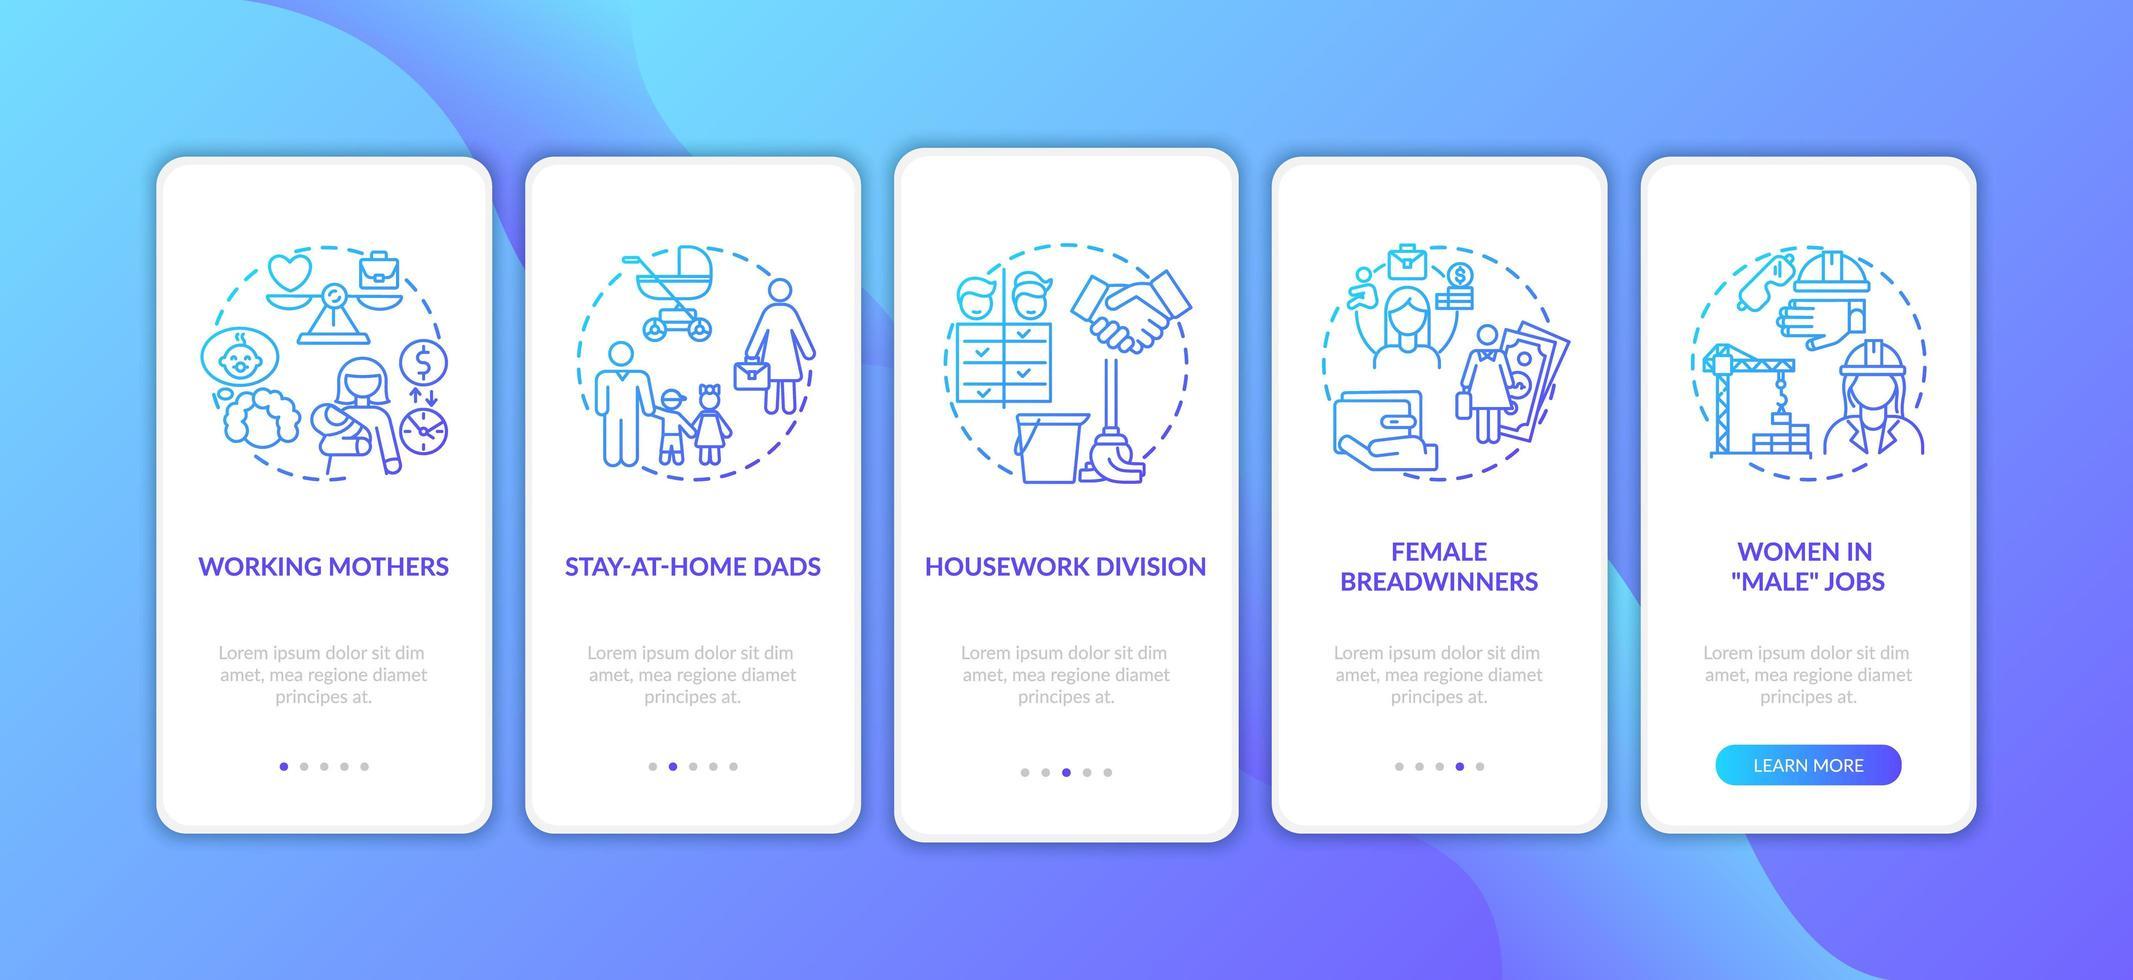 cambiare i ruoli di genere nella schermata della pagina dell'app mobile con concetti vettore